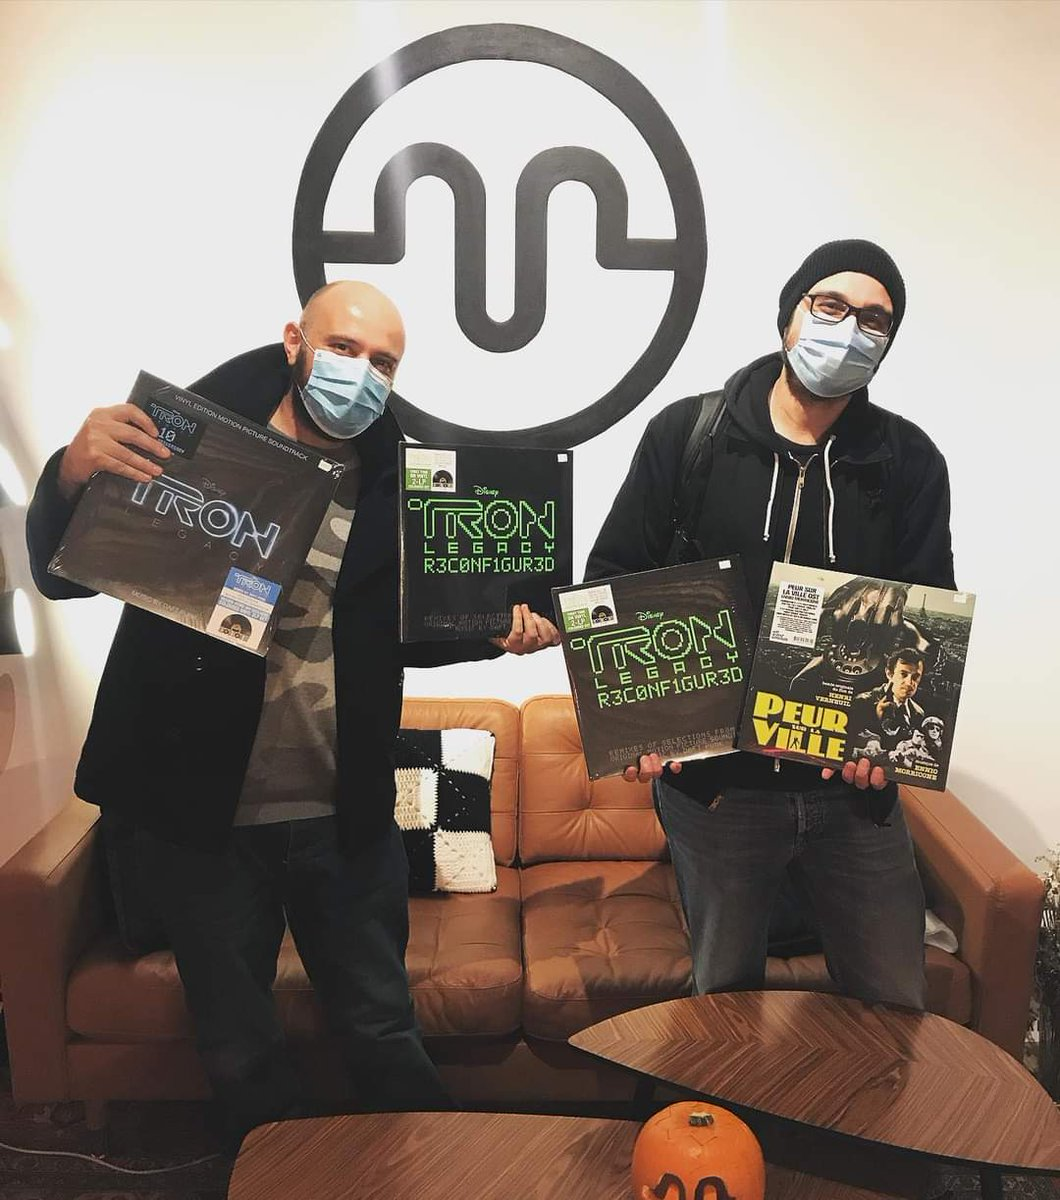 """Recuerdos del Record Store Day de hace unas semanas cuando Óscar y Luis vinieron a por sus """"Trones"""" 💚💙💚  Muchas Gracias chicos!!!! . @RSD_Spain  . #tron #daftpunk #rsd #rsddrops #salvemoslastiendasdediscos #SeguimosAquí #mariliansmagazine #loverecordstores"""